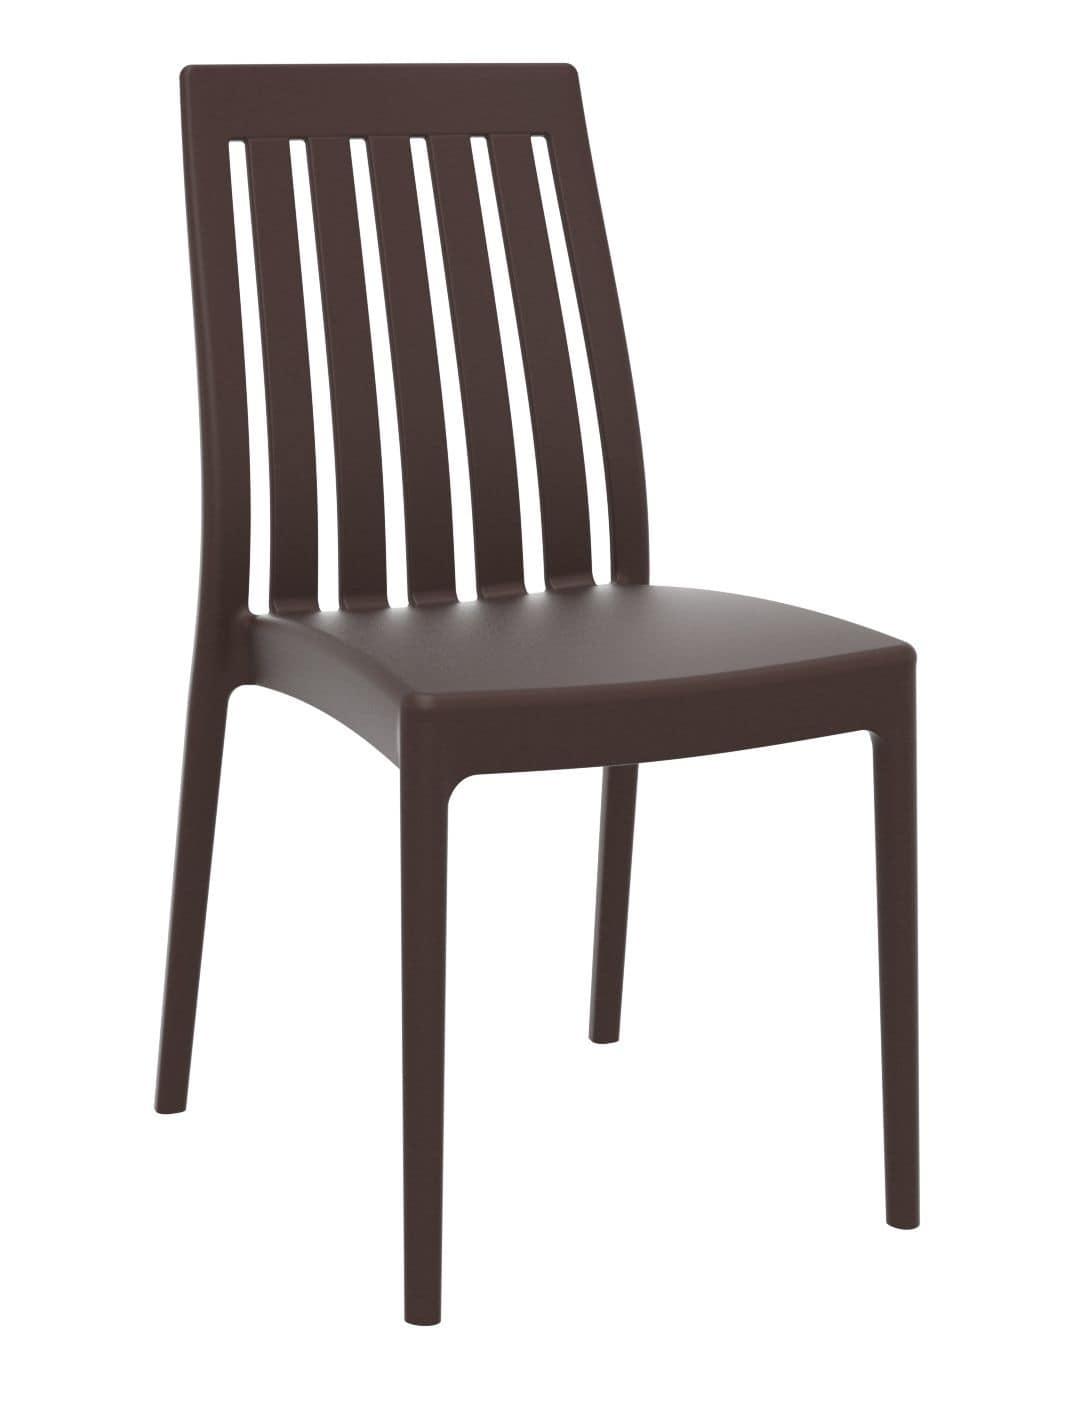 Sedia in polipropilene per interni ed esterni impilabile - Sedia polipropilene impilabile ...